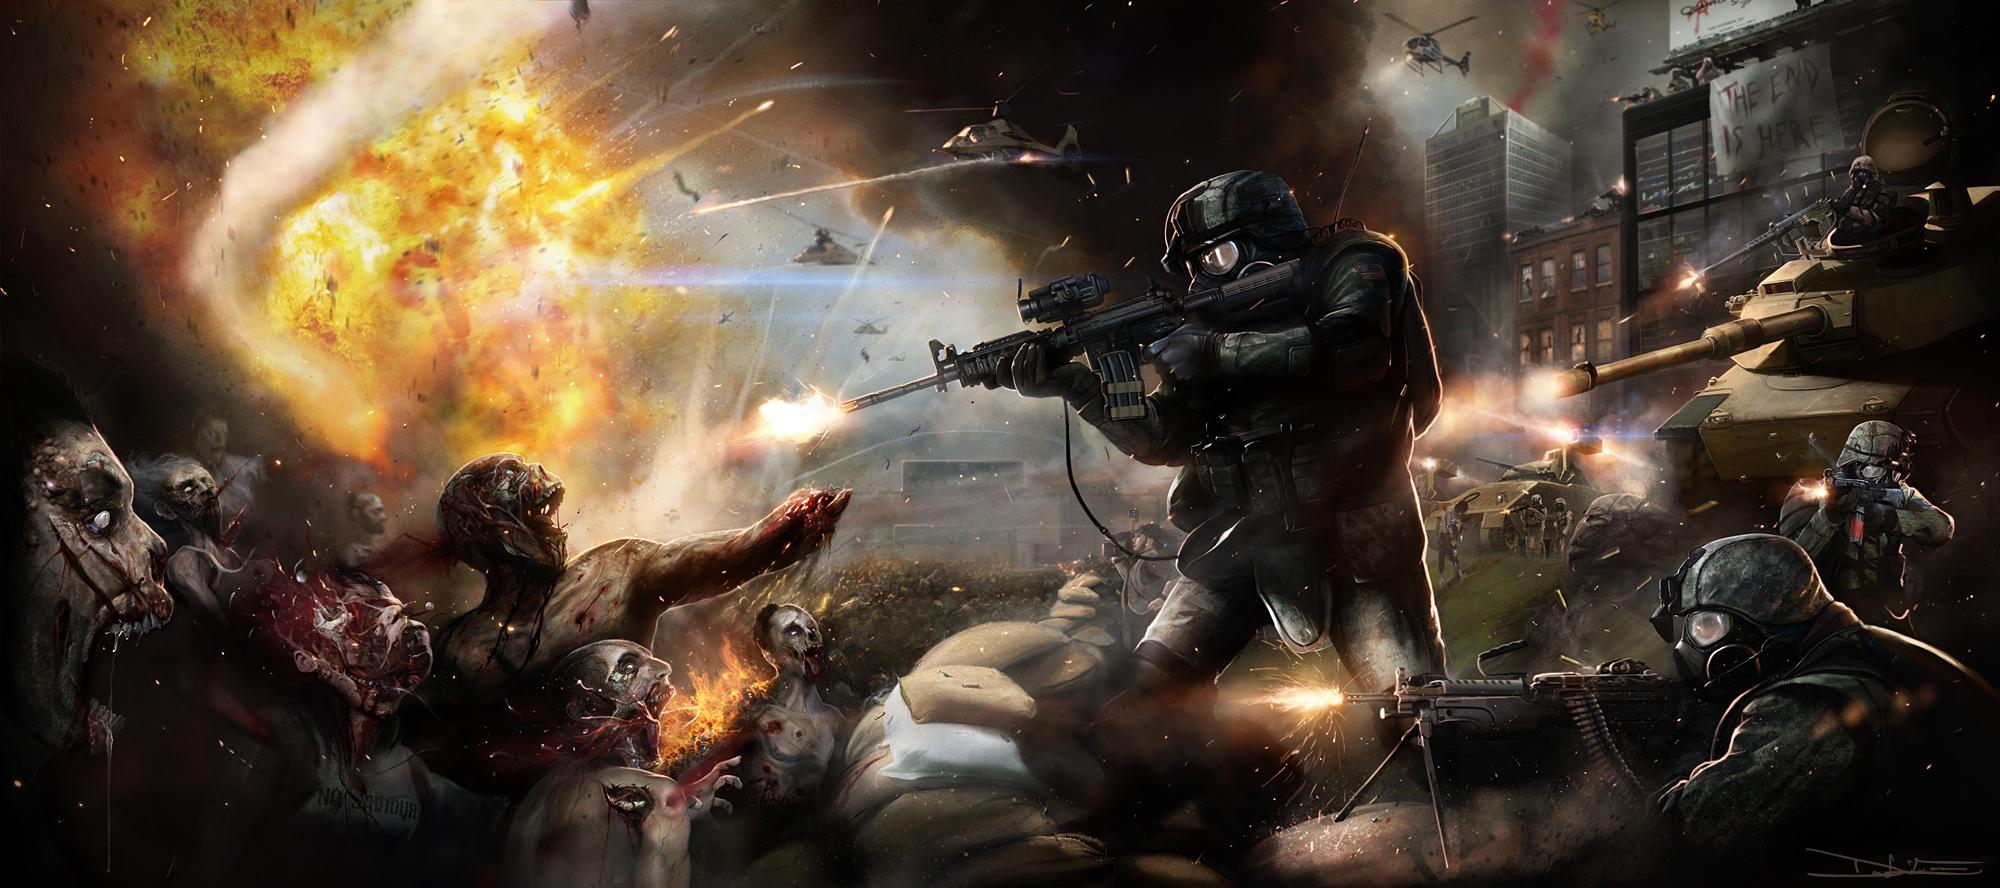 [OFF/NETO]Porque a ideia de um apocalipse Zumbi é idiota e fadada ao fracasso. 20110421023034!Army_vs_zombies!!!